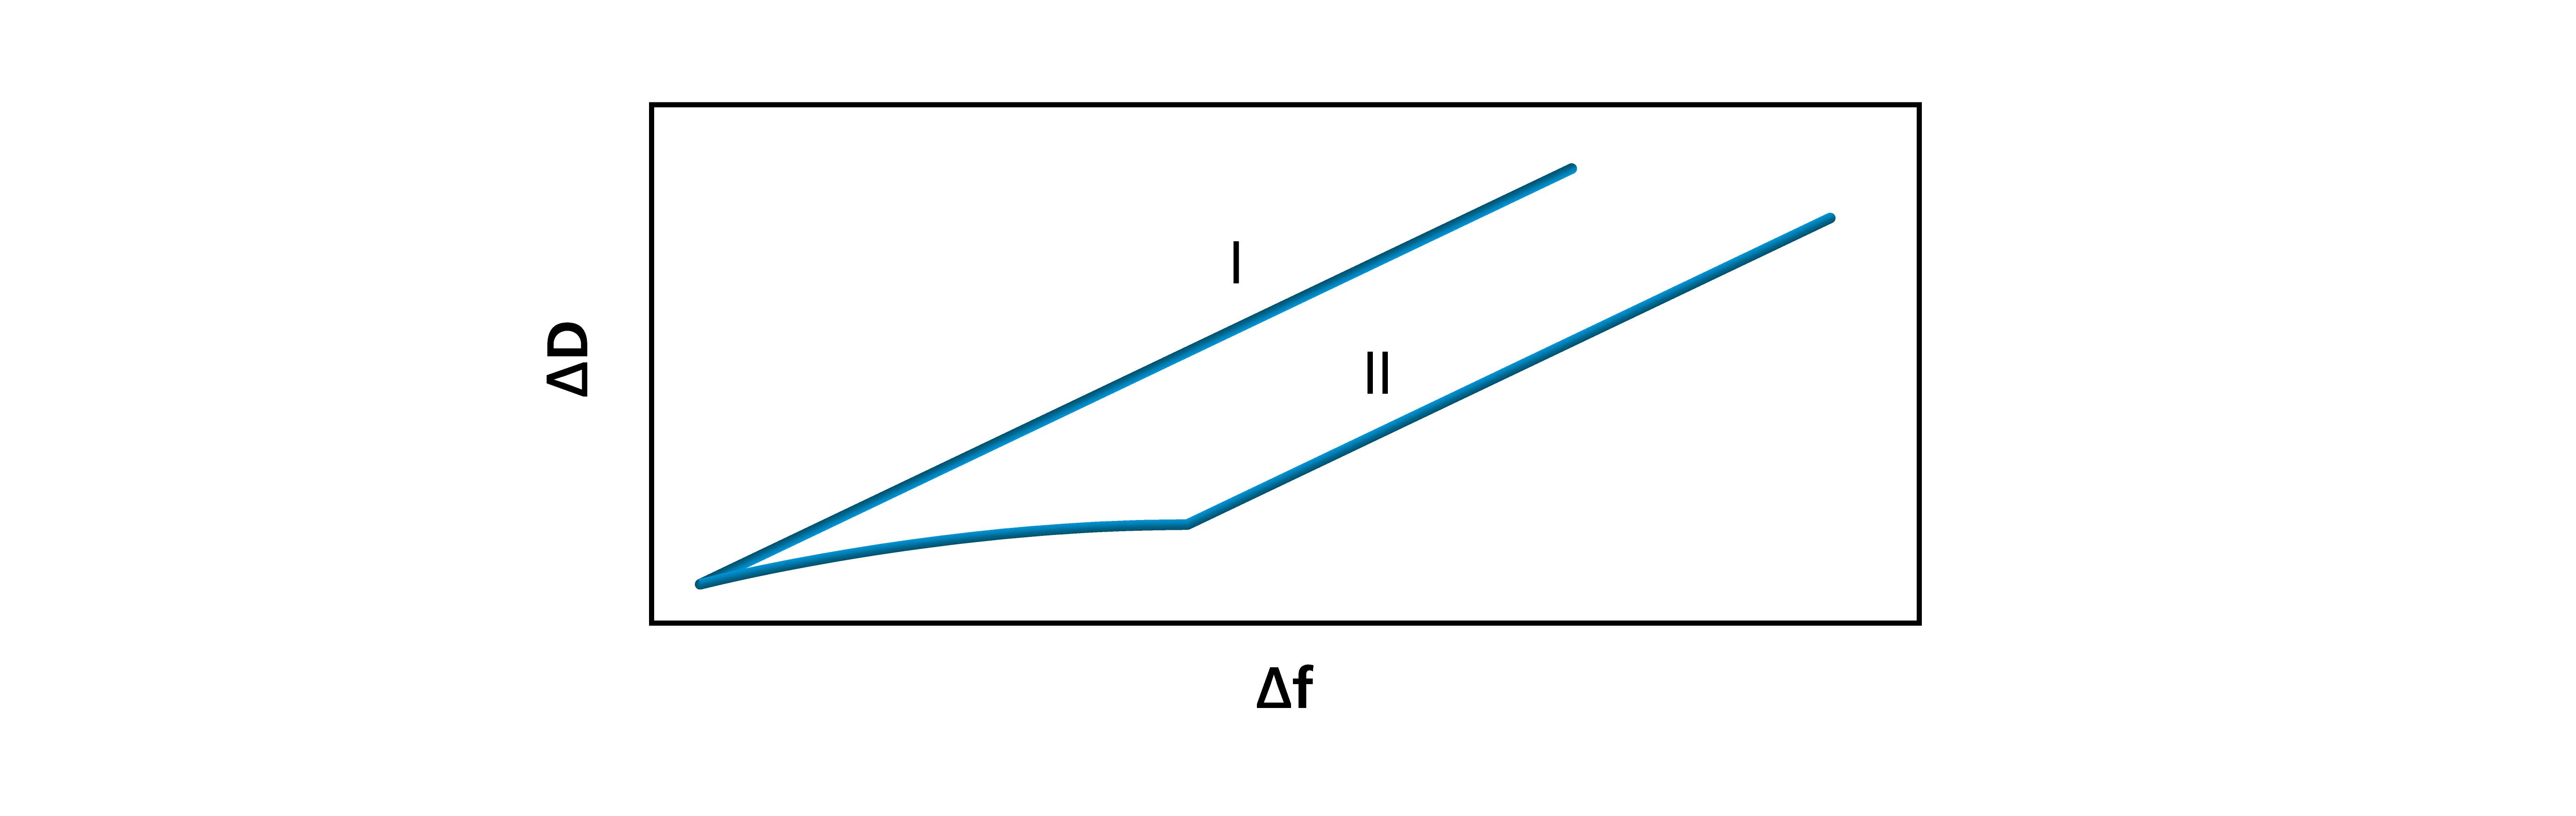 Fig 5. QSense dD df